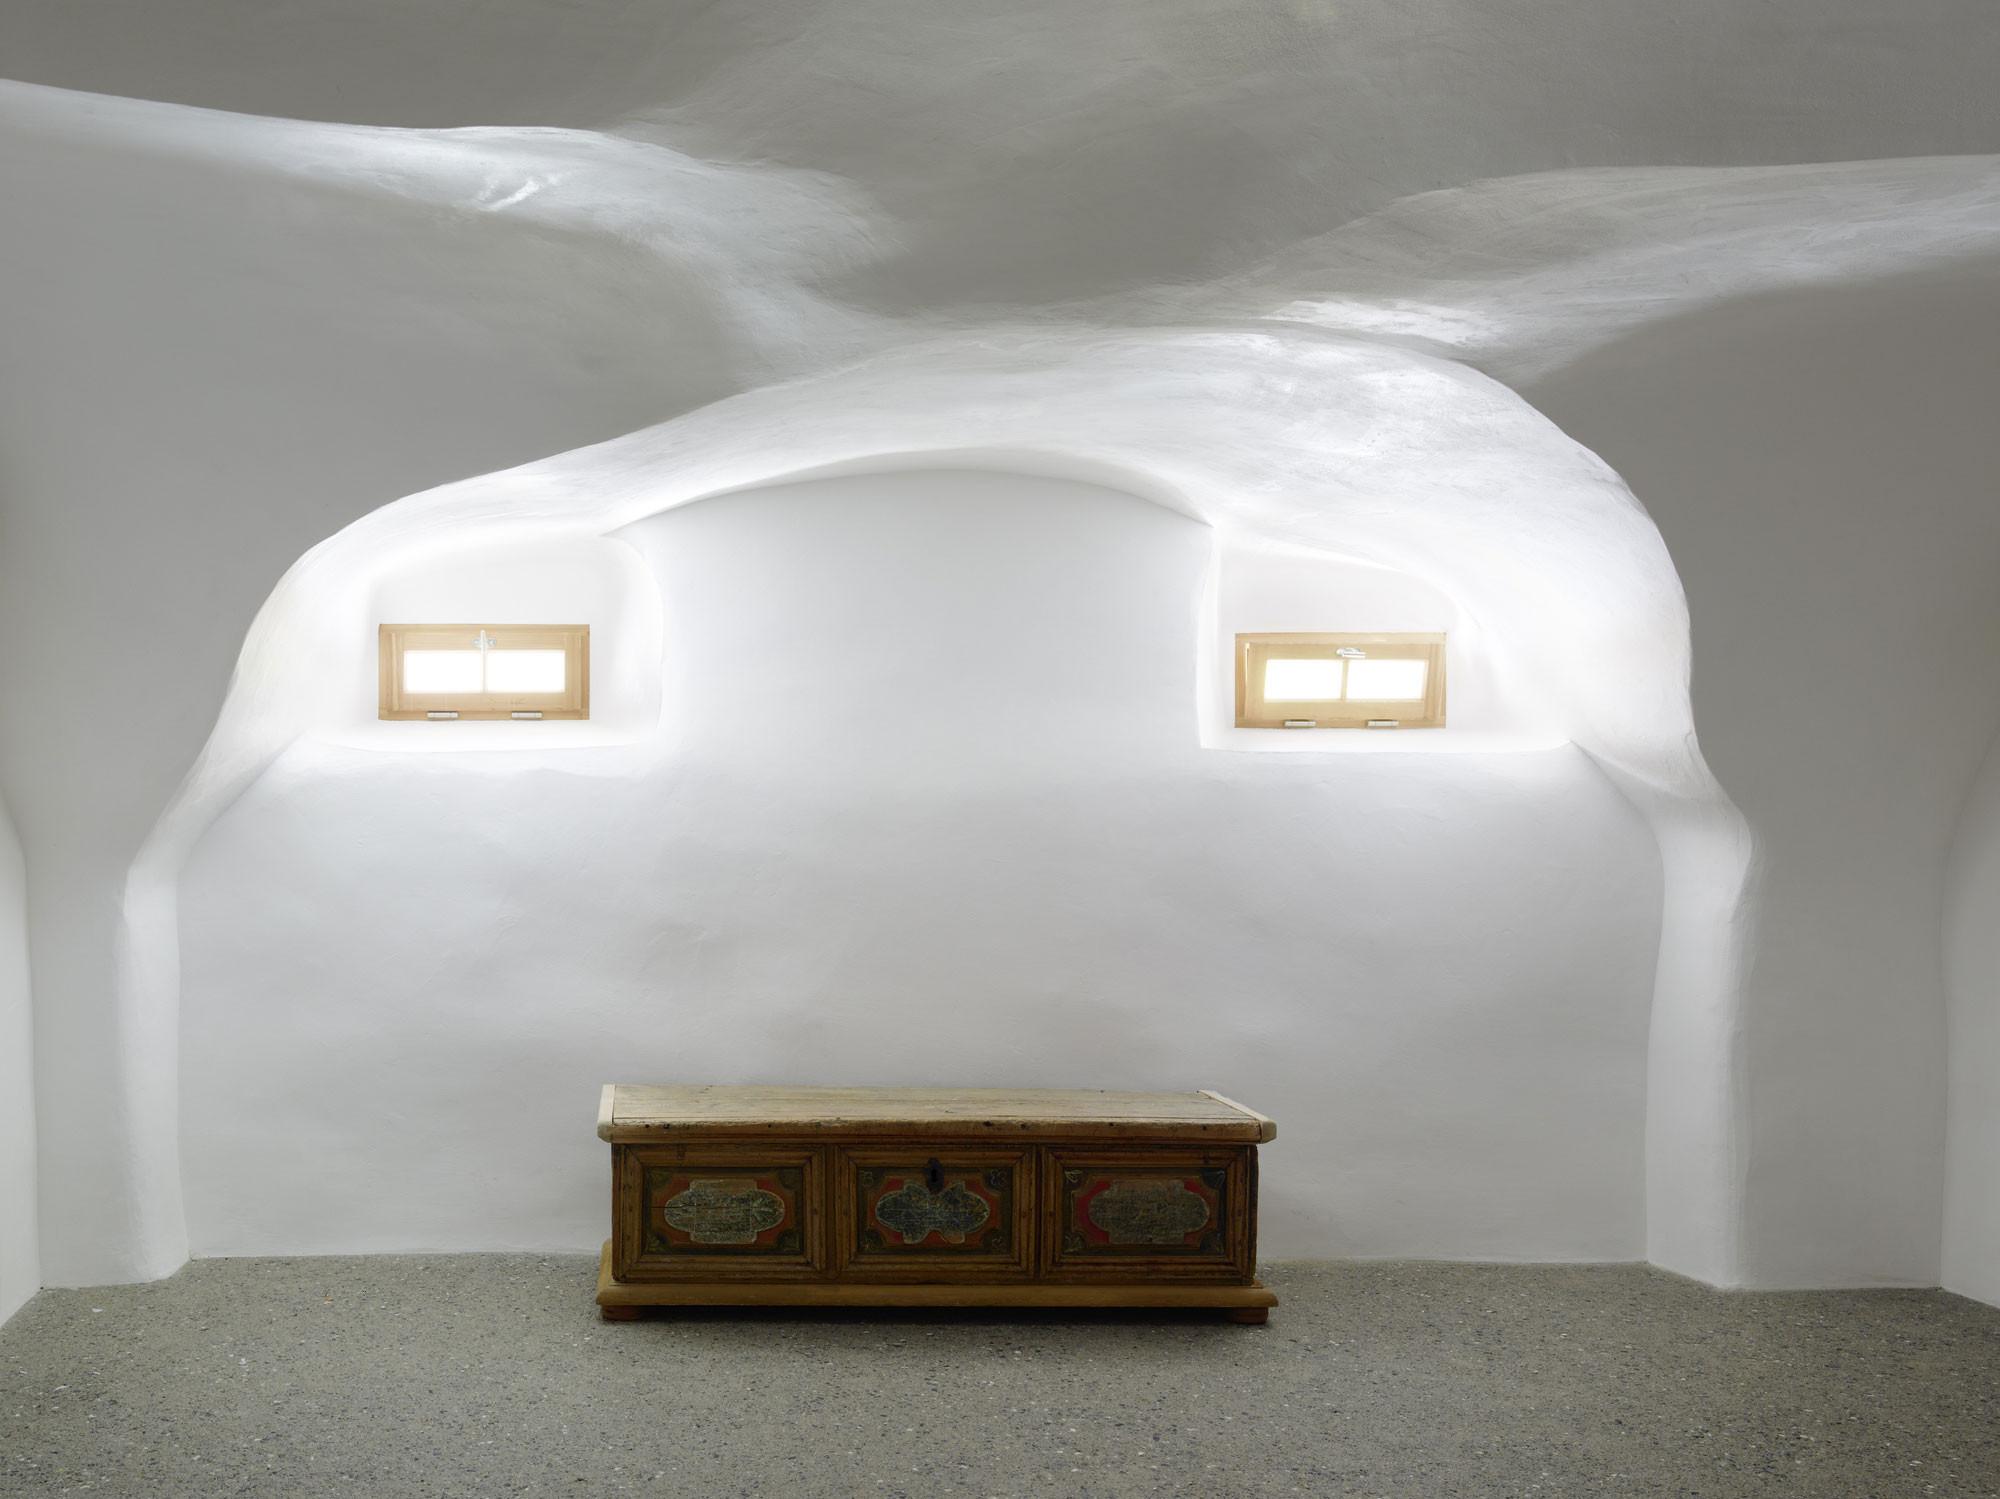 Fußboden Im Gewölbekeller ~ Wohnhaus in tarasp boden wohnen baunetz wissen